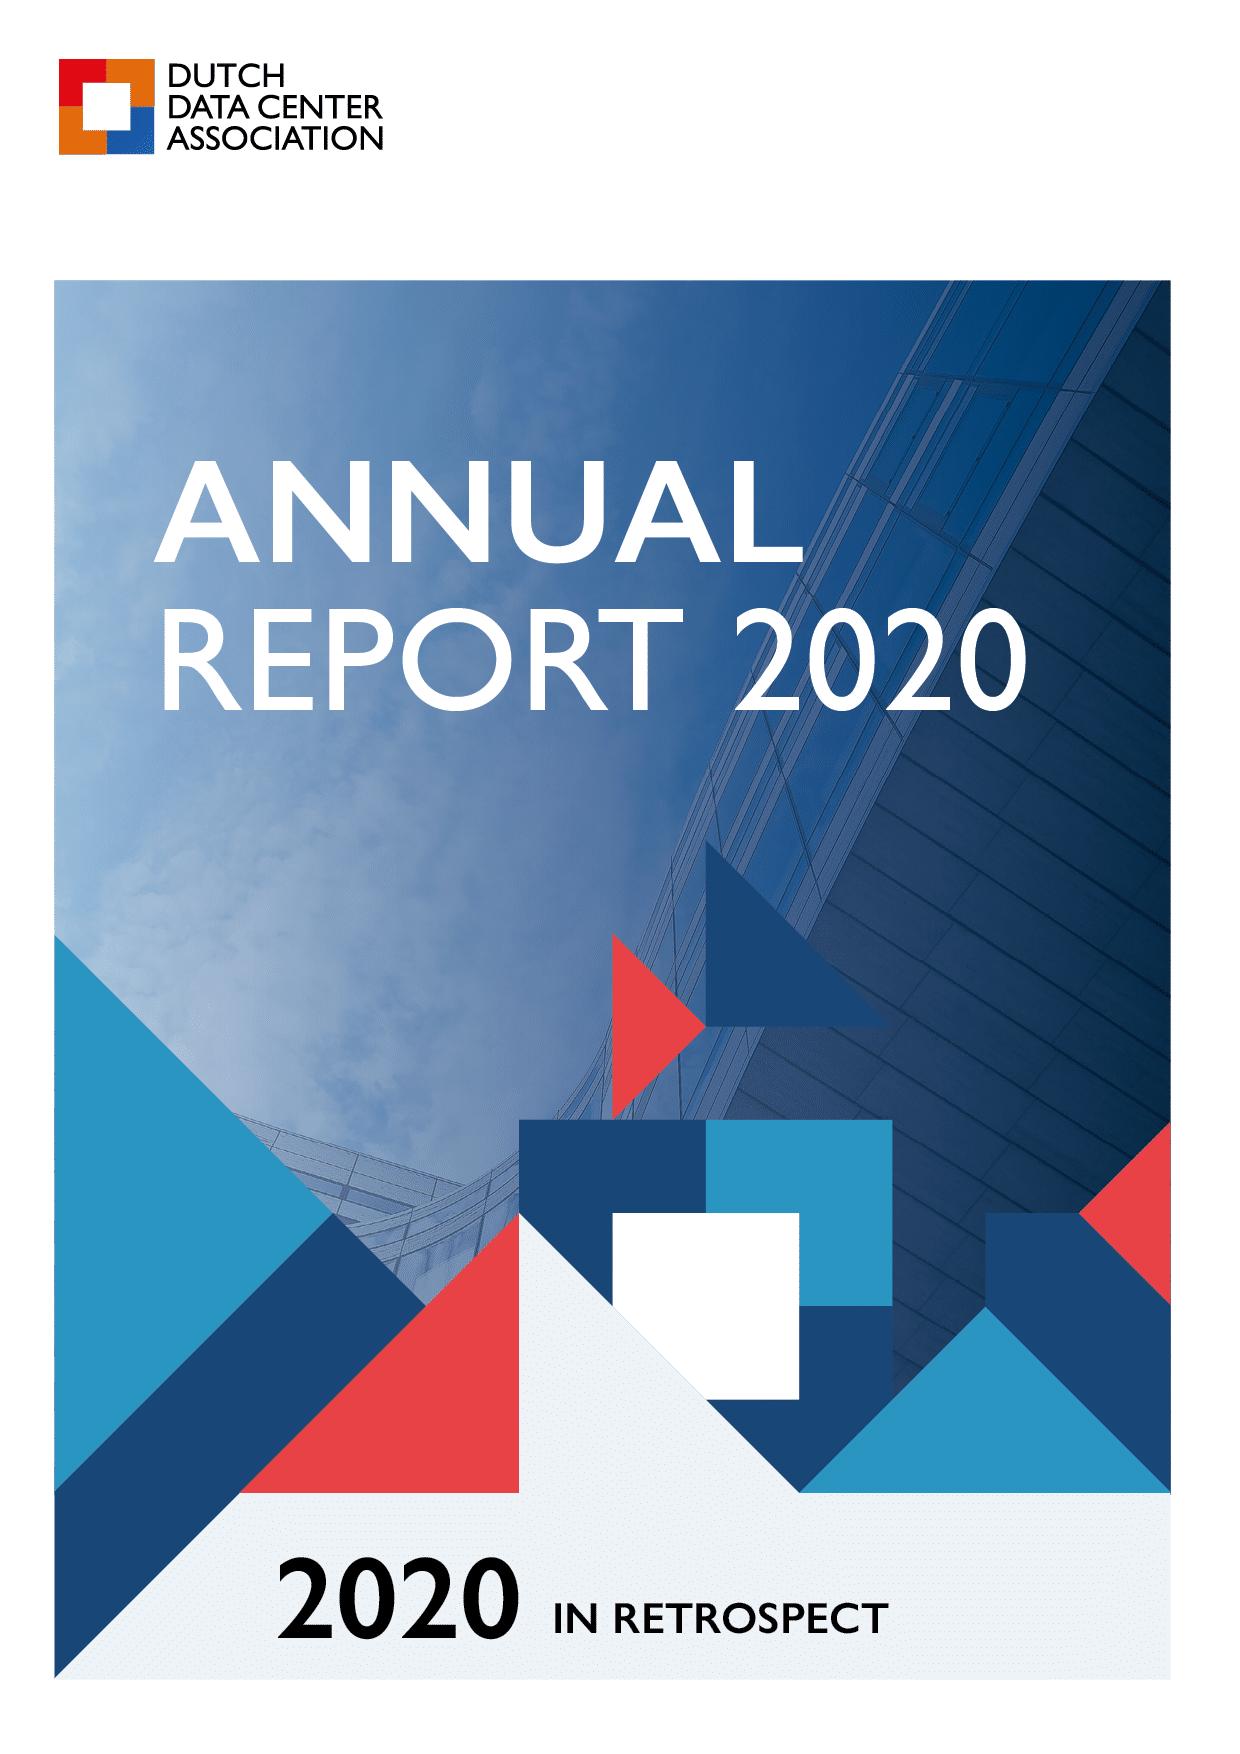 DDA publishes Annual Report 2020